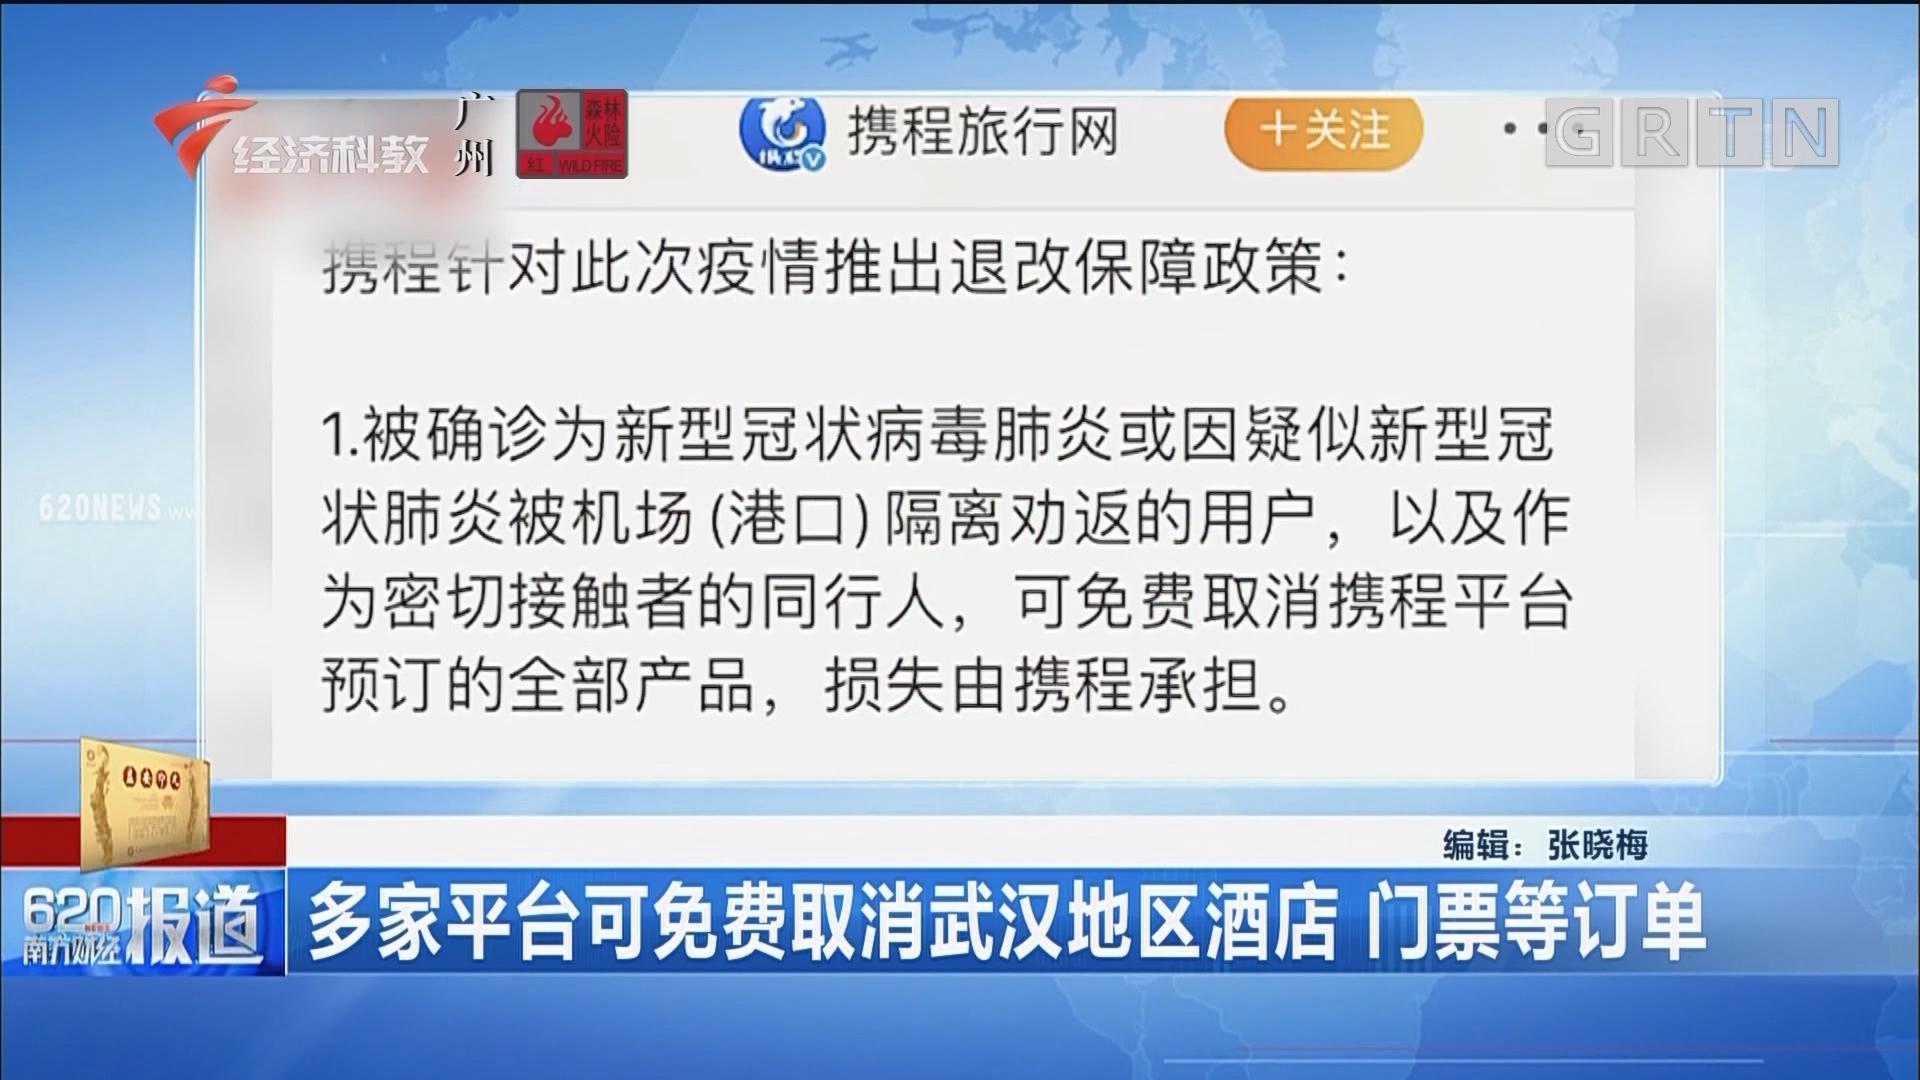 多家平台可免费取消武汉地区酒店 门票等订单